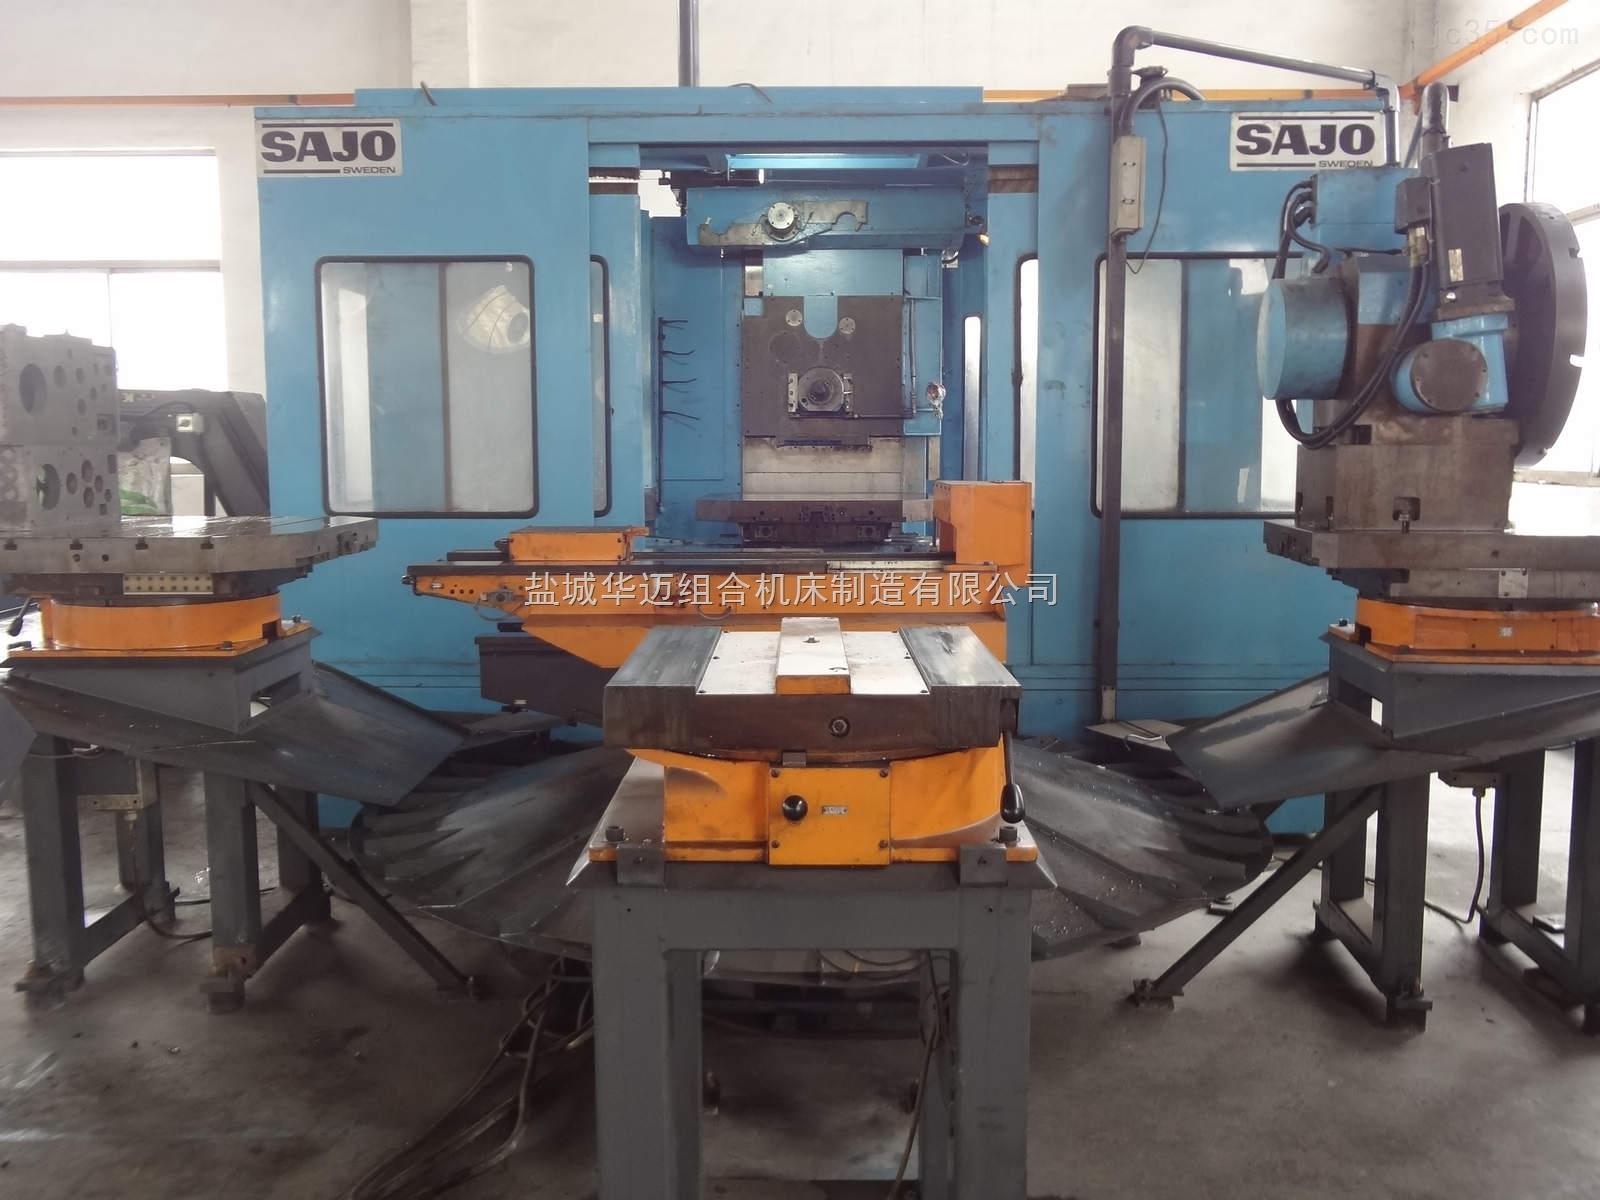 瑞典原装进口SAJO(萨耀)四五轴联动卧式万能加工中心